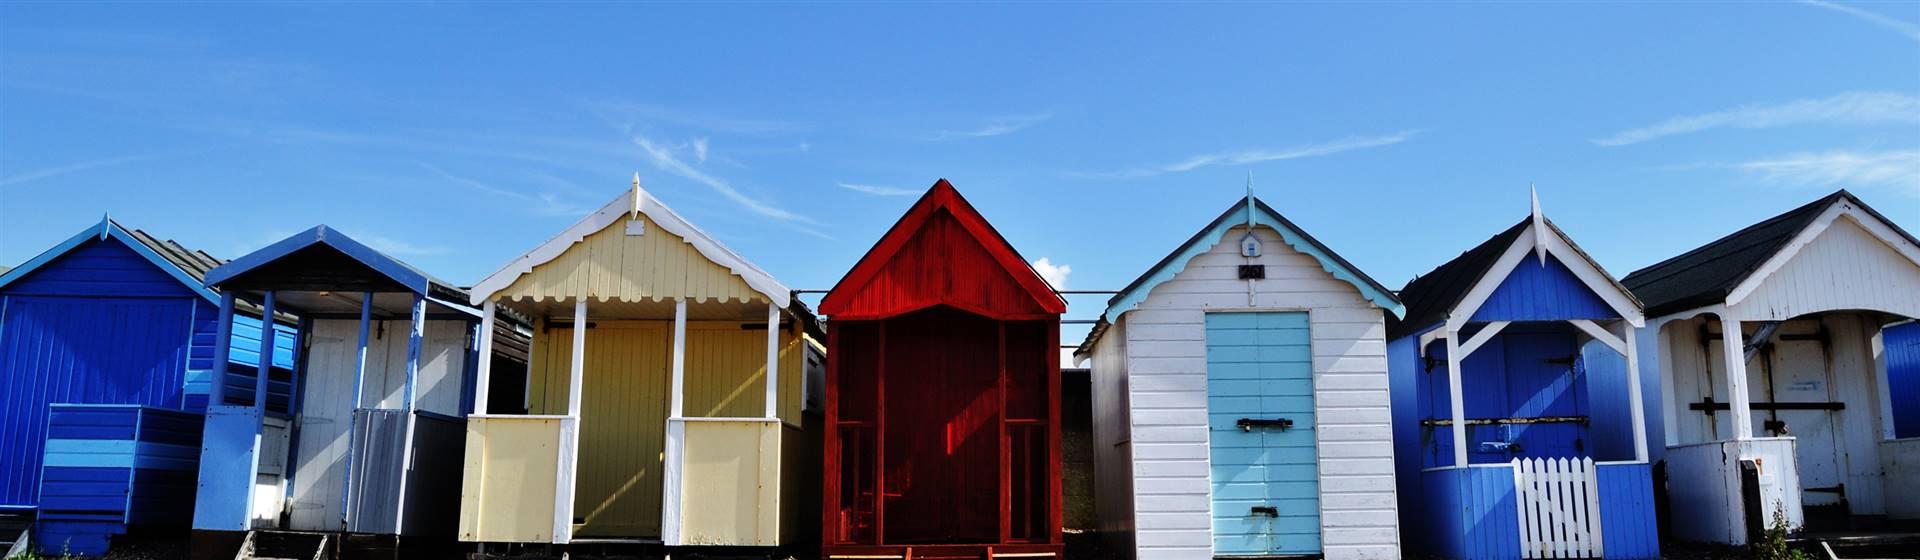 Southend on Sea & the Essex Sunshine Coast 2022